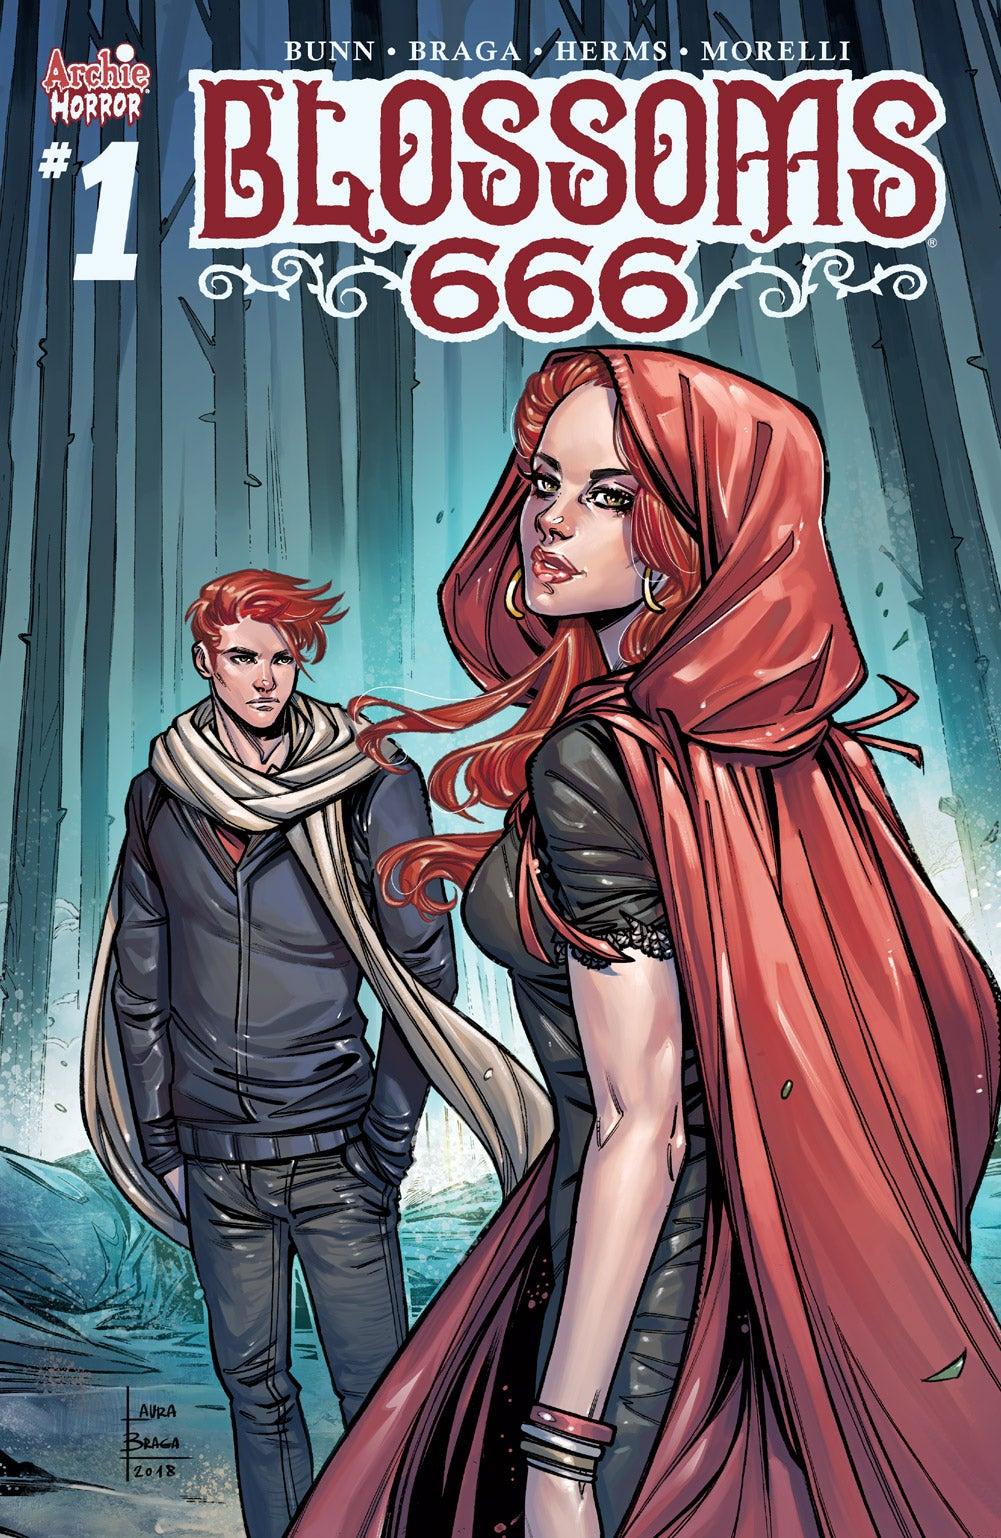 Image: Laura Braga, Archie Comics